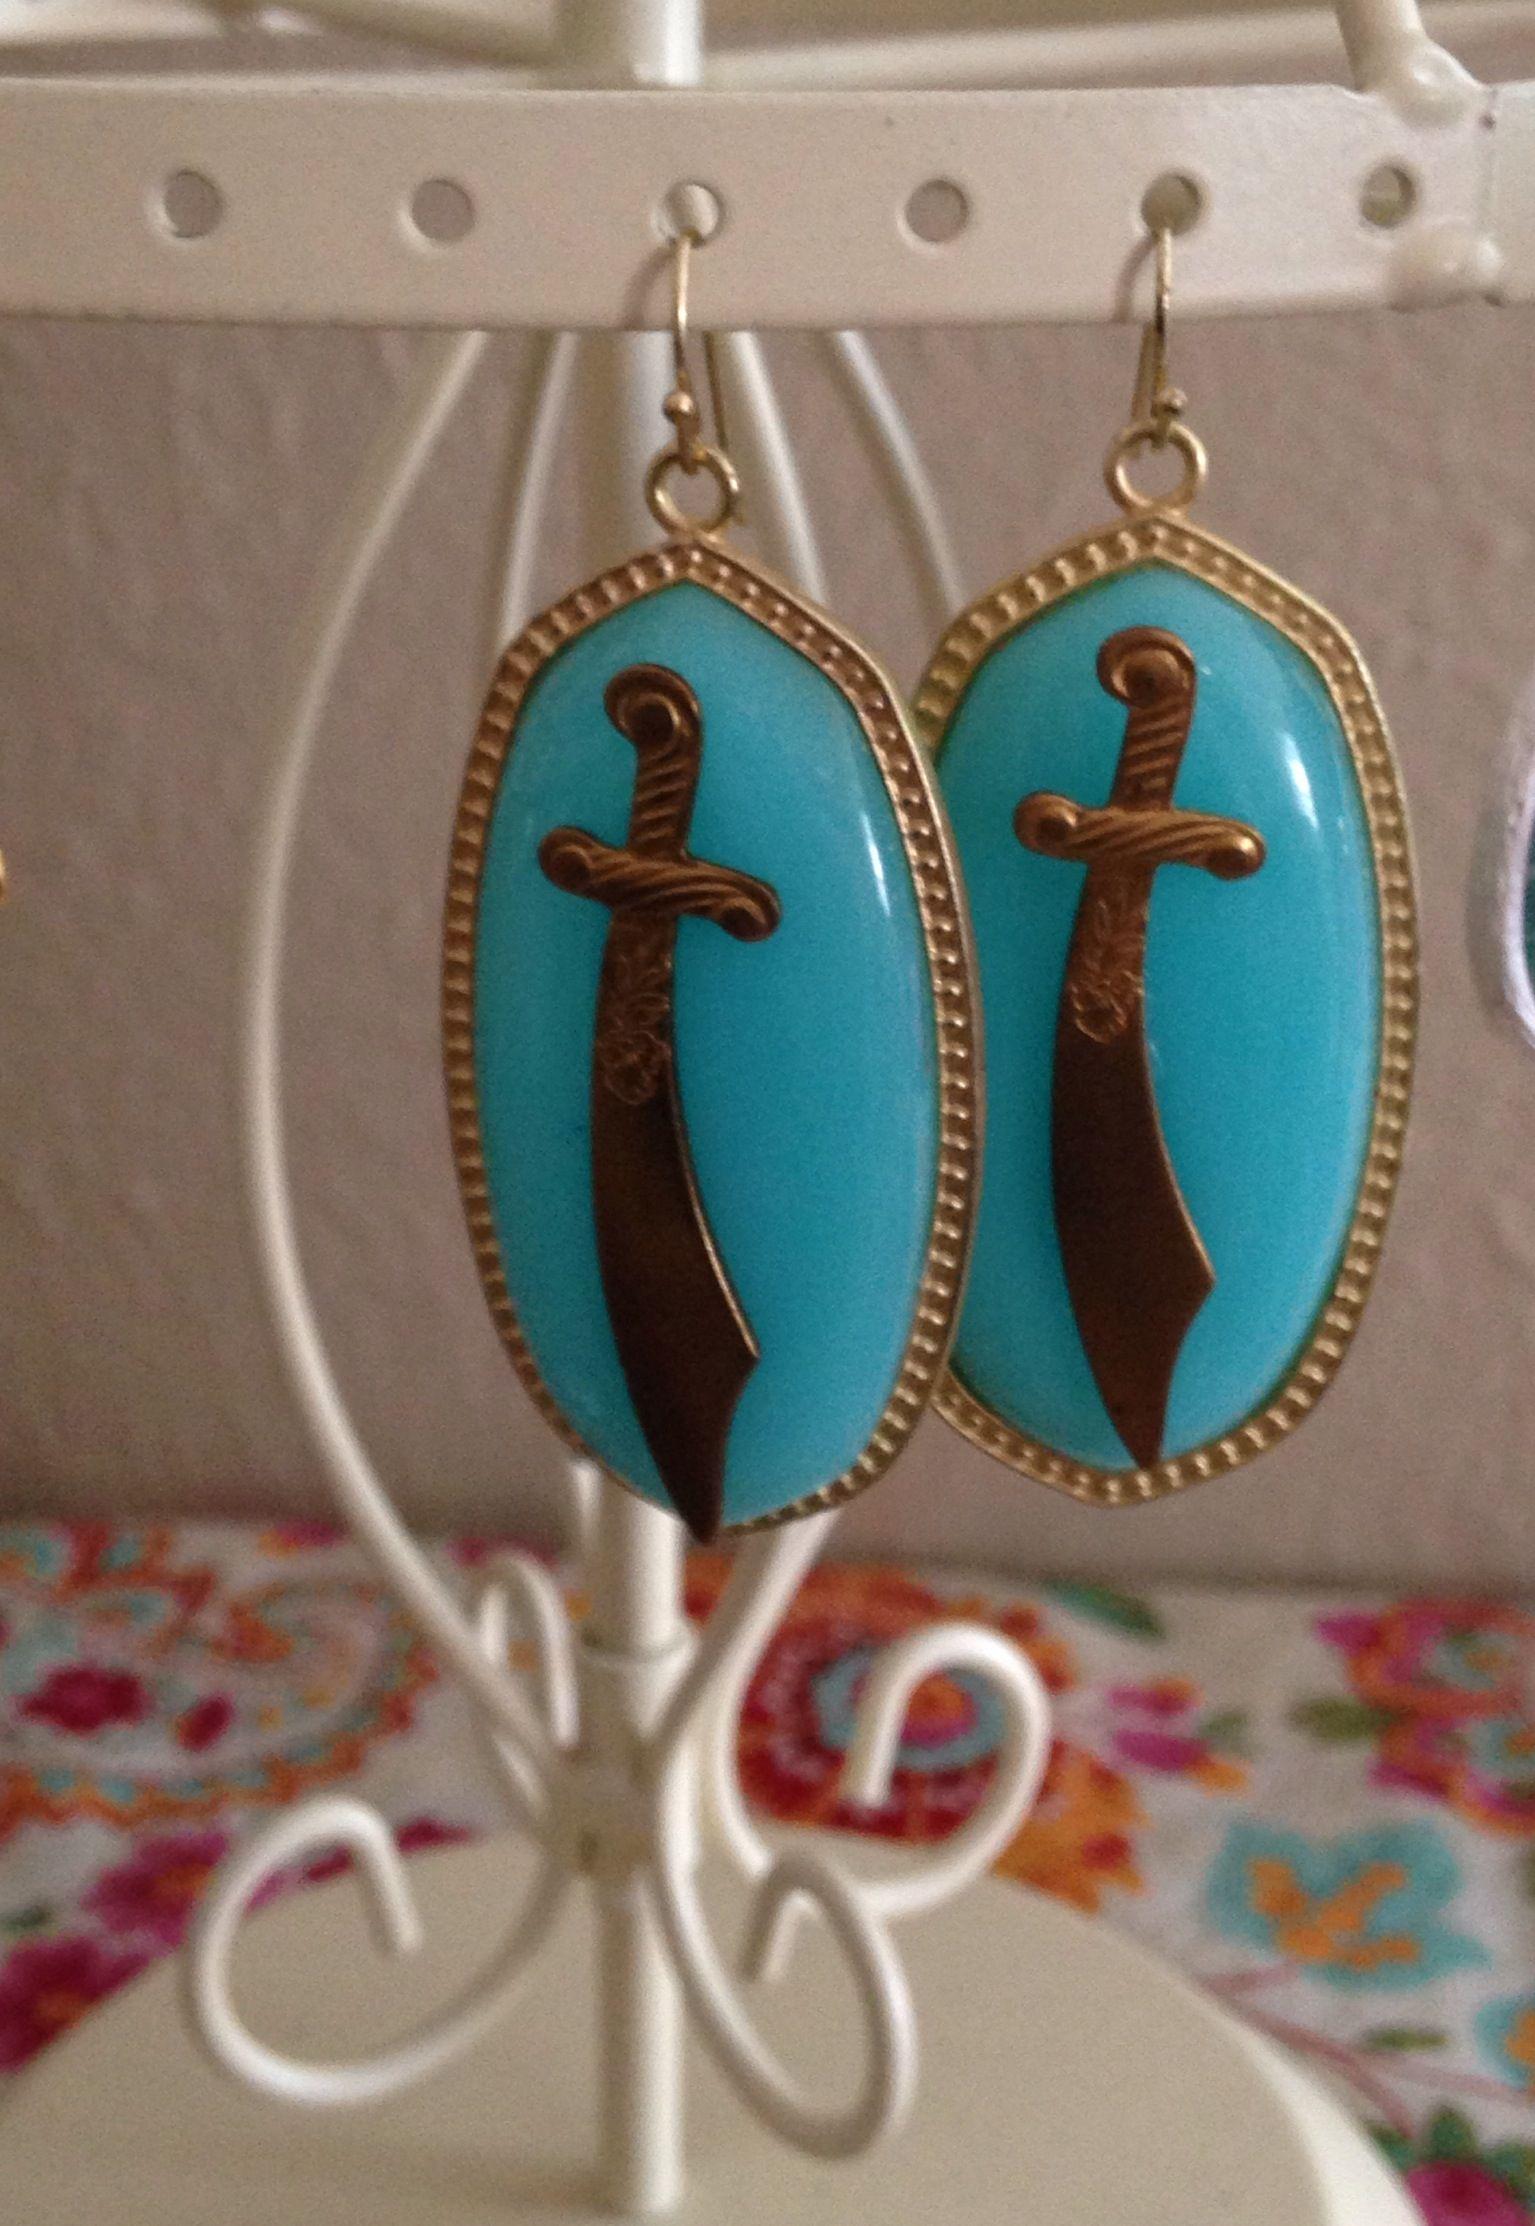 $29 earrings Visit us on Facebook or Instagram #thejolieshop